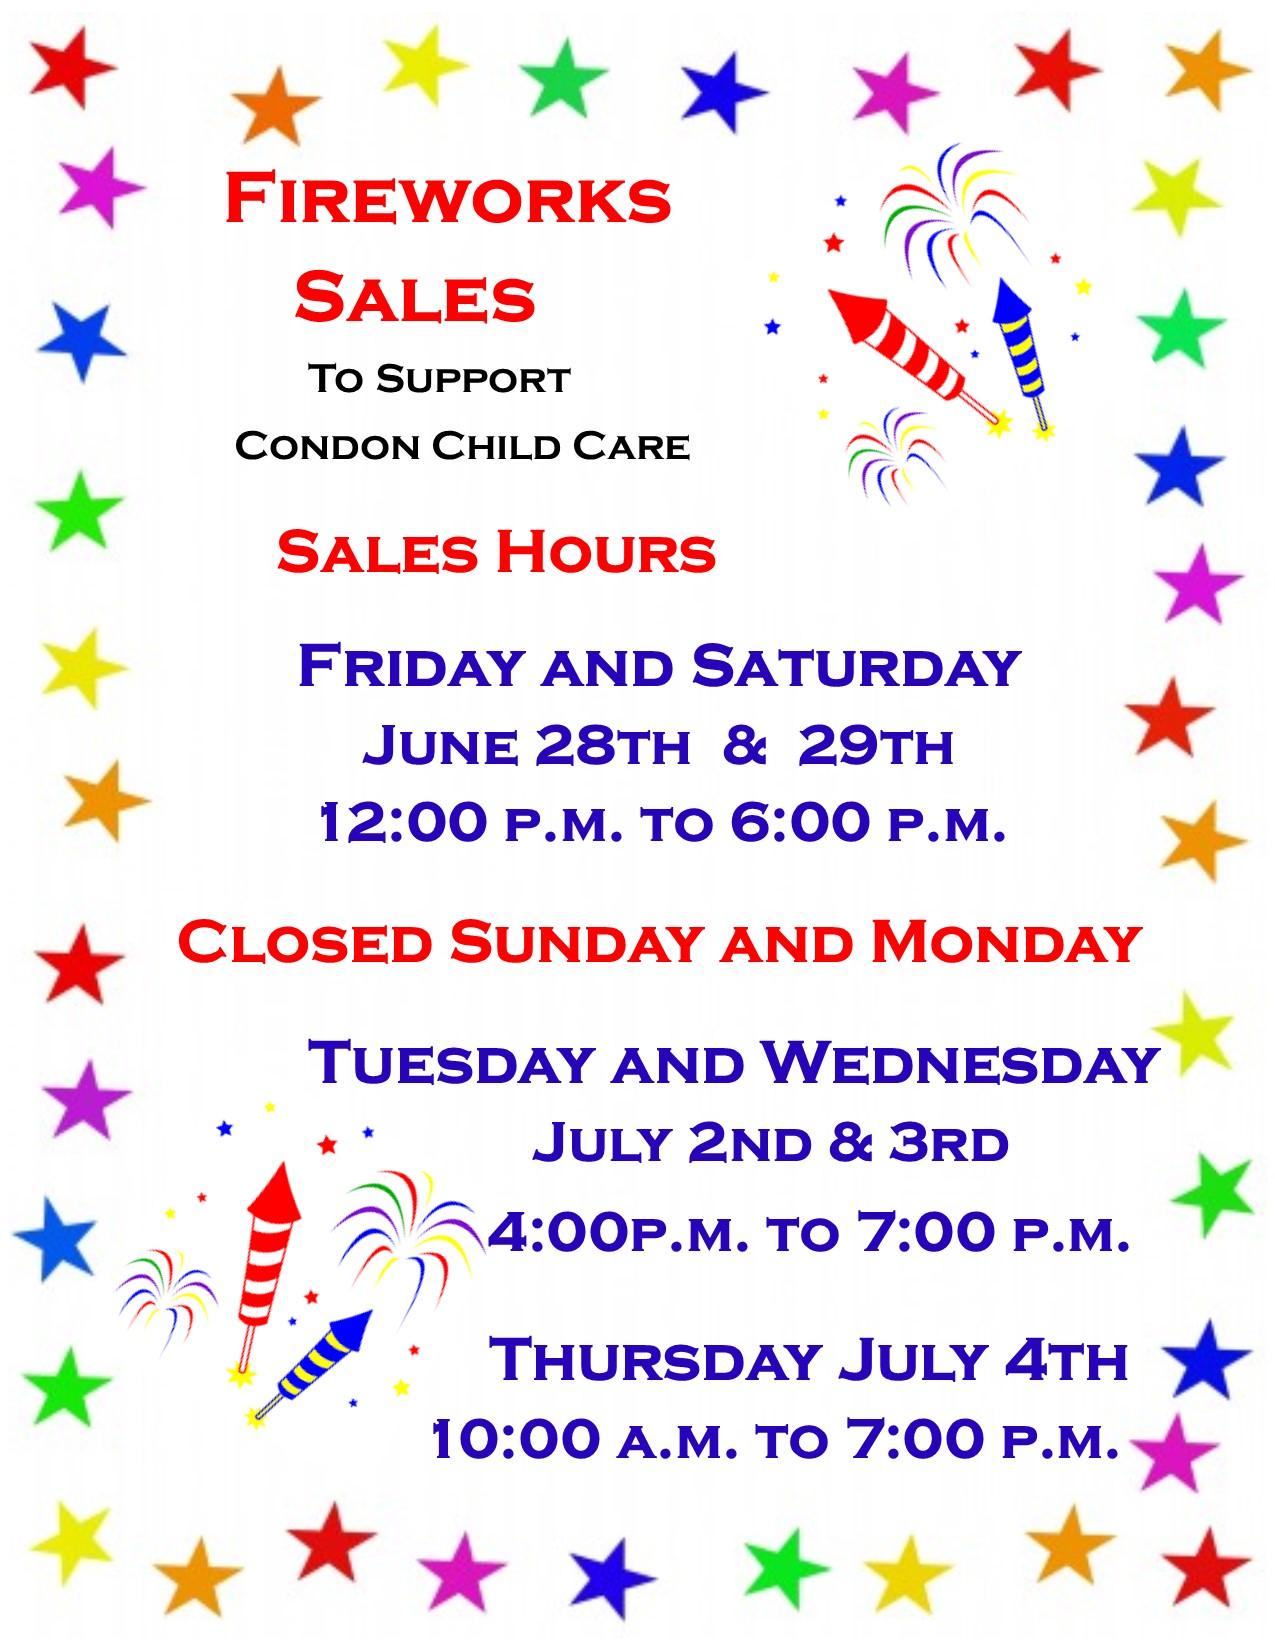 Fireworks Sales Poster